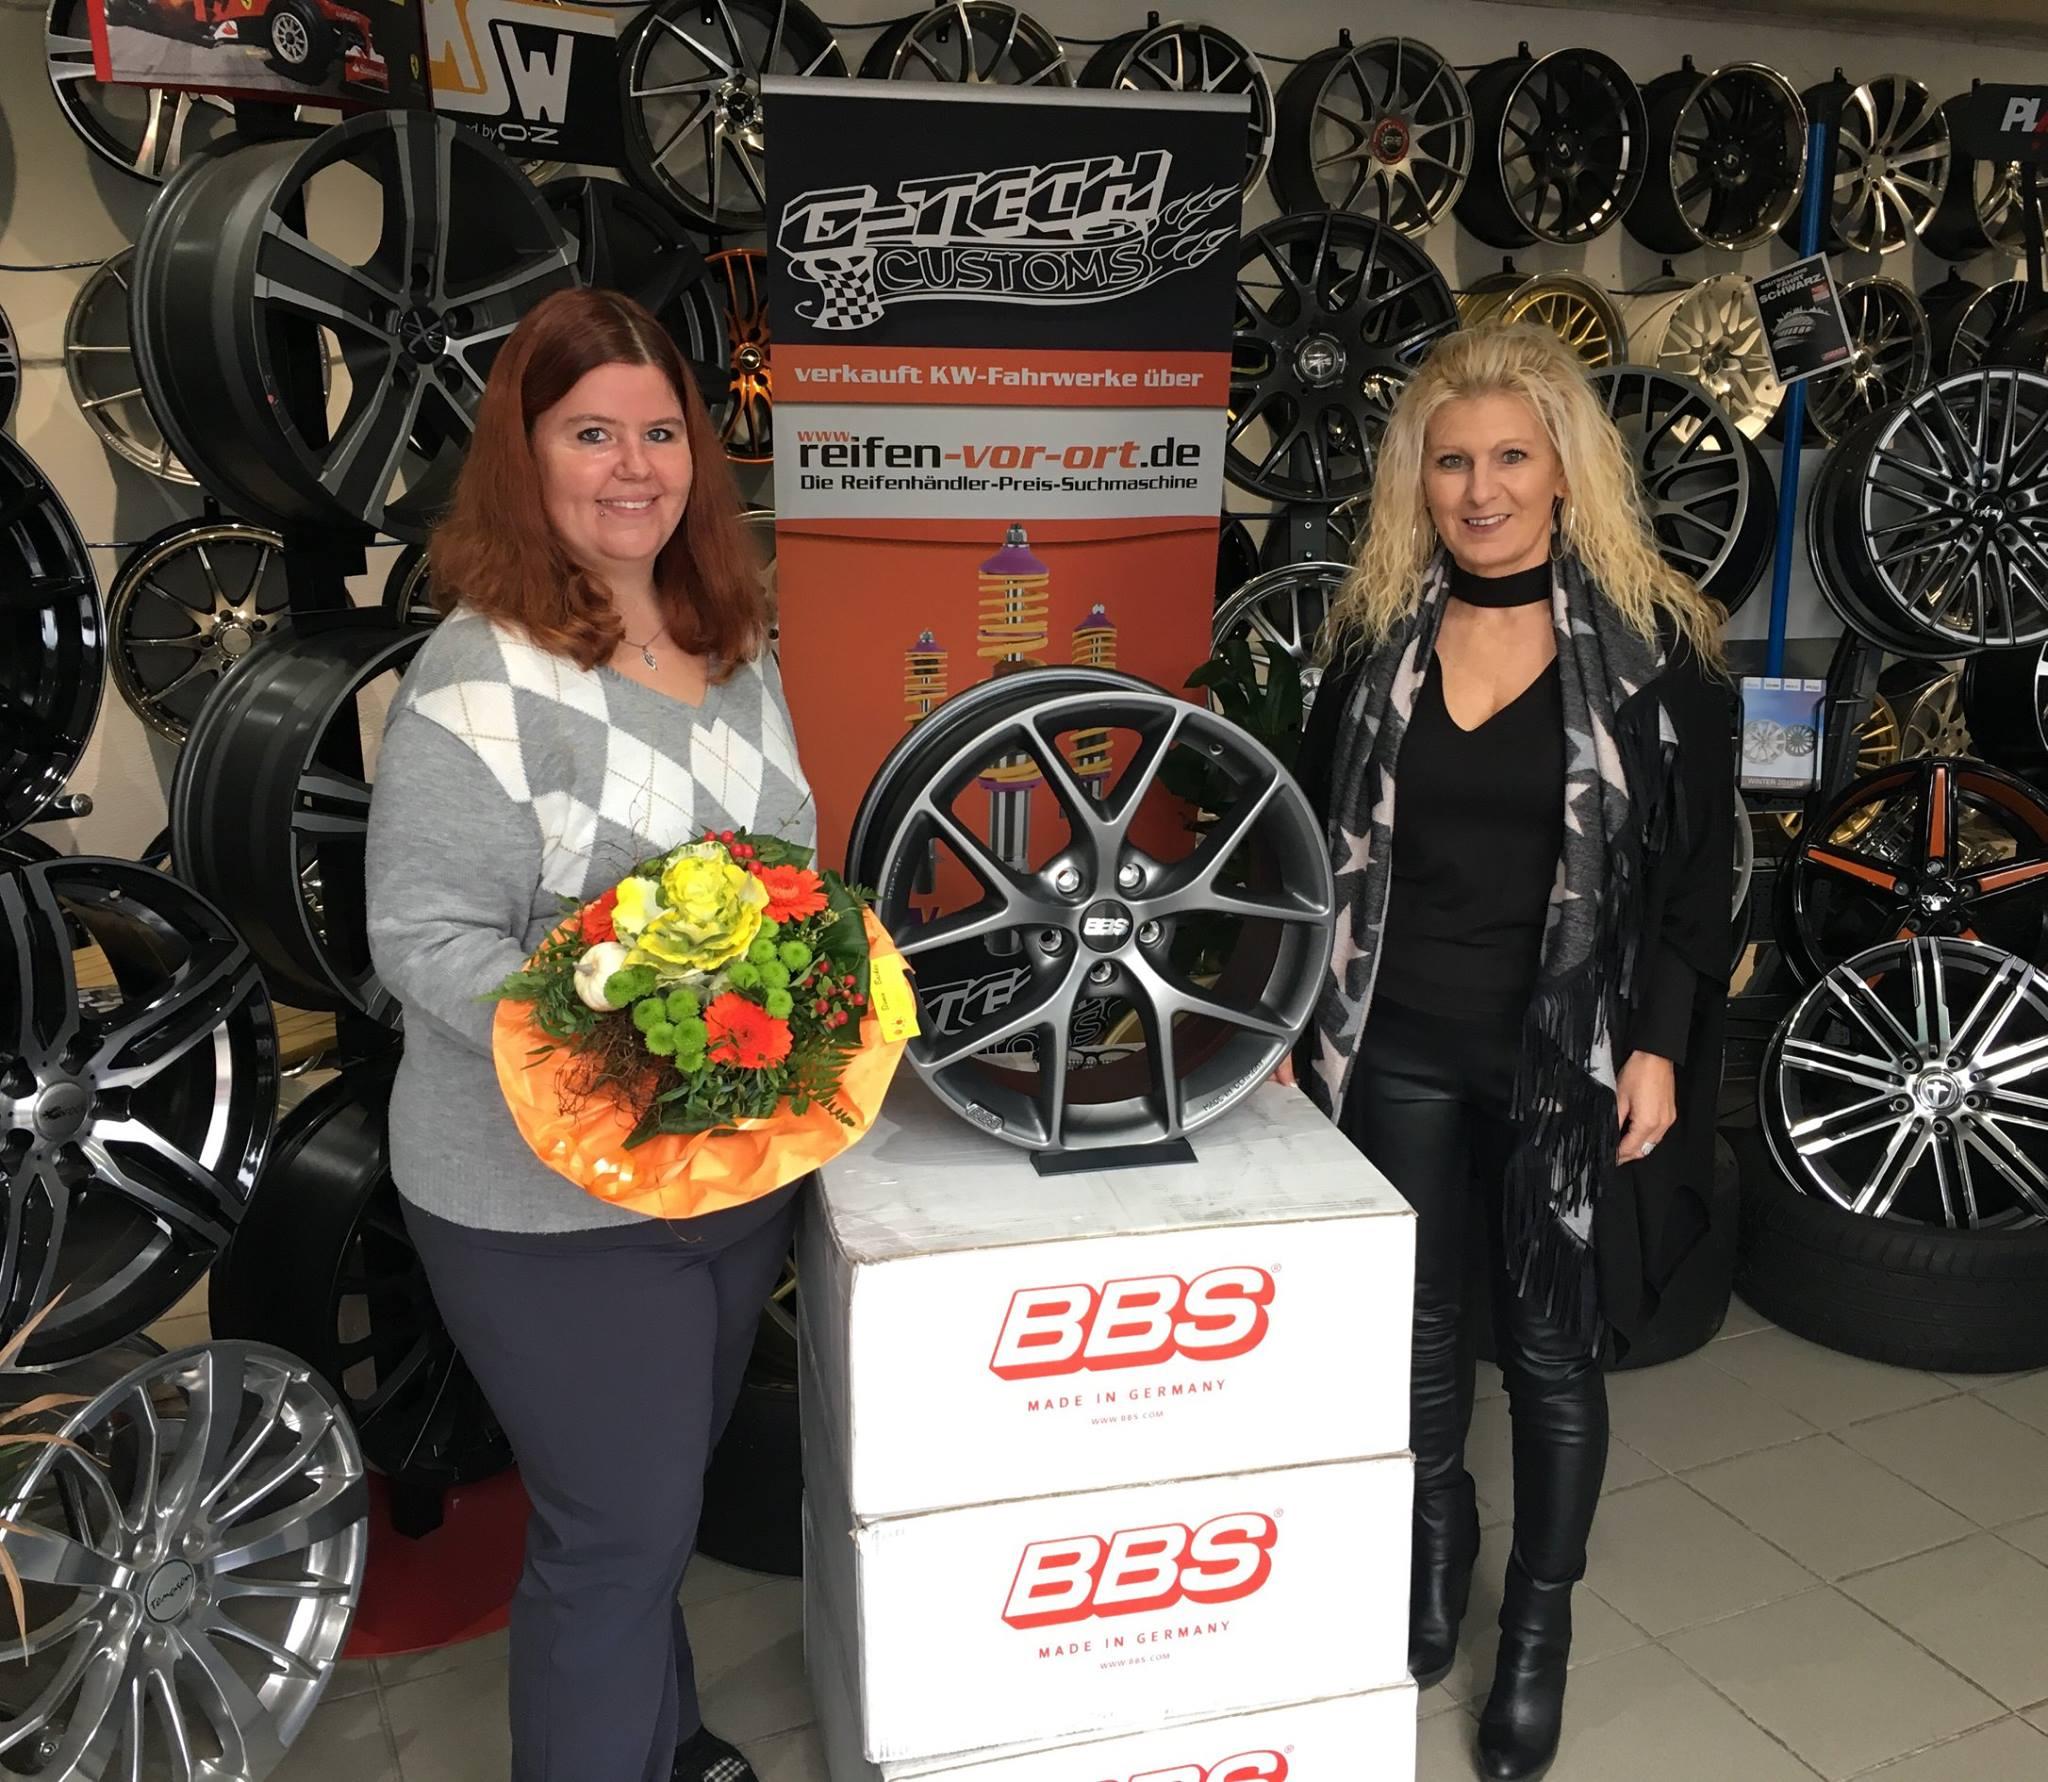 Reifen-vor-Ort Blog  Reifen-vor-Ort.de